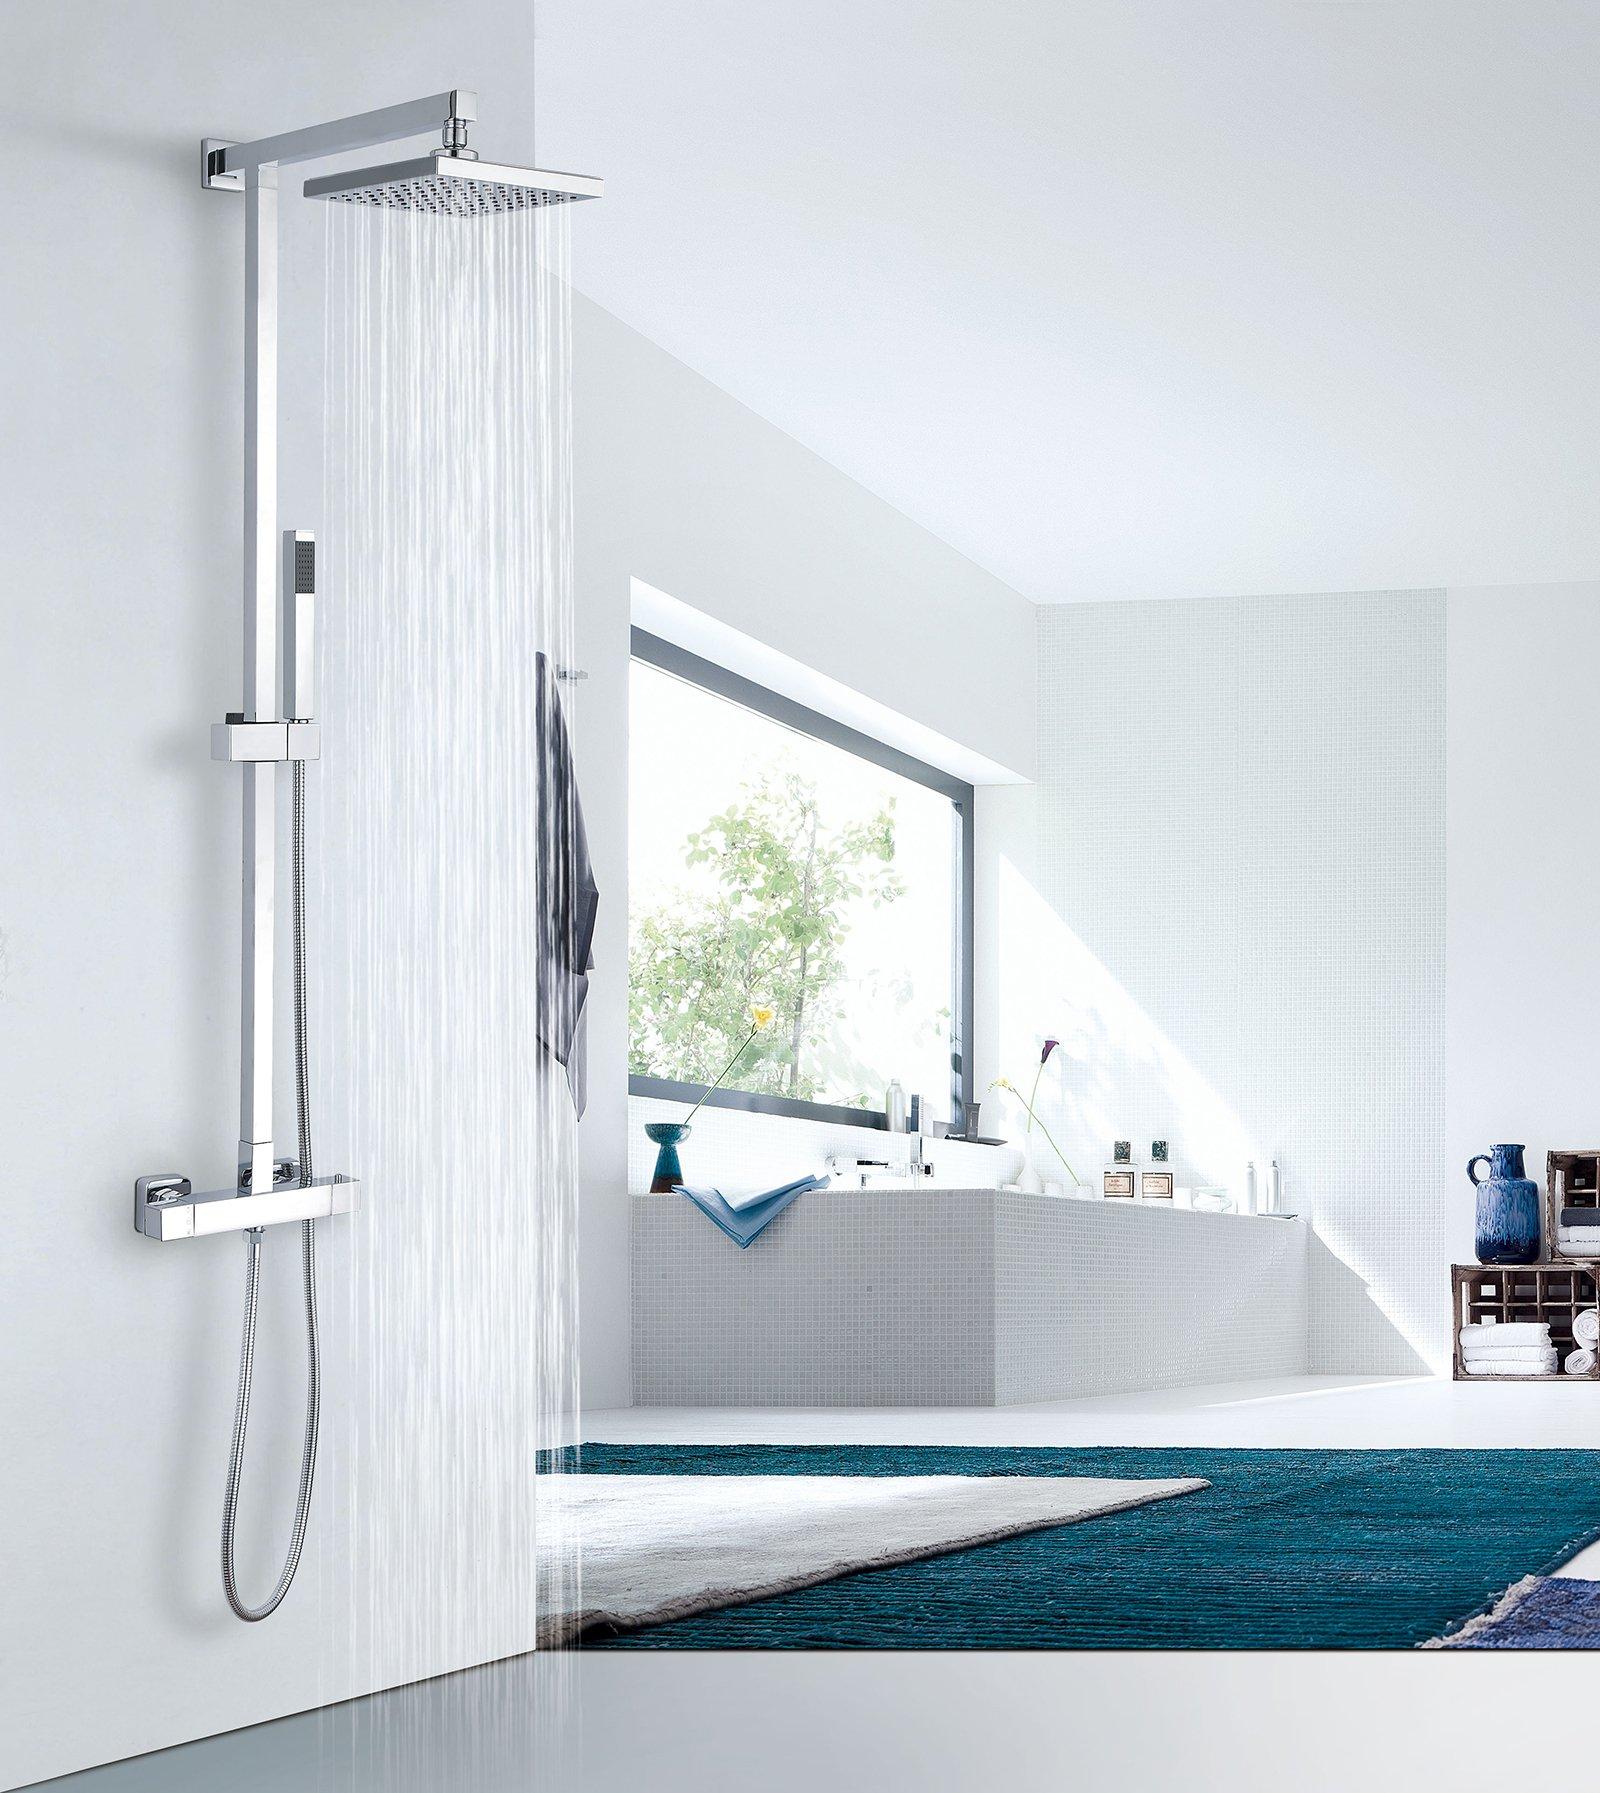 Design-Duschsystem Duschsäule SEDAL-Thermostat 8921C Basic